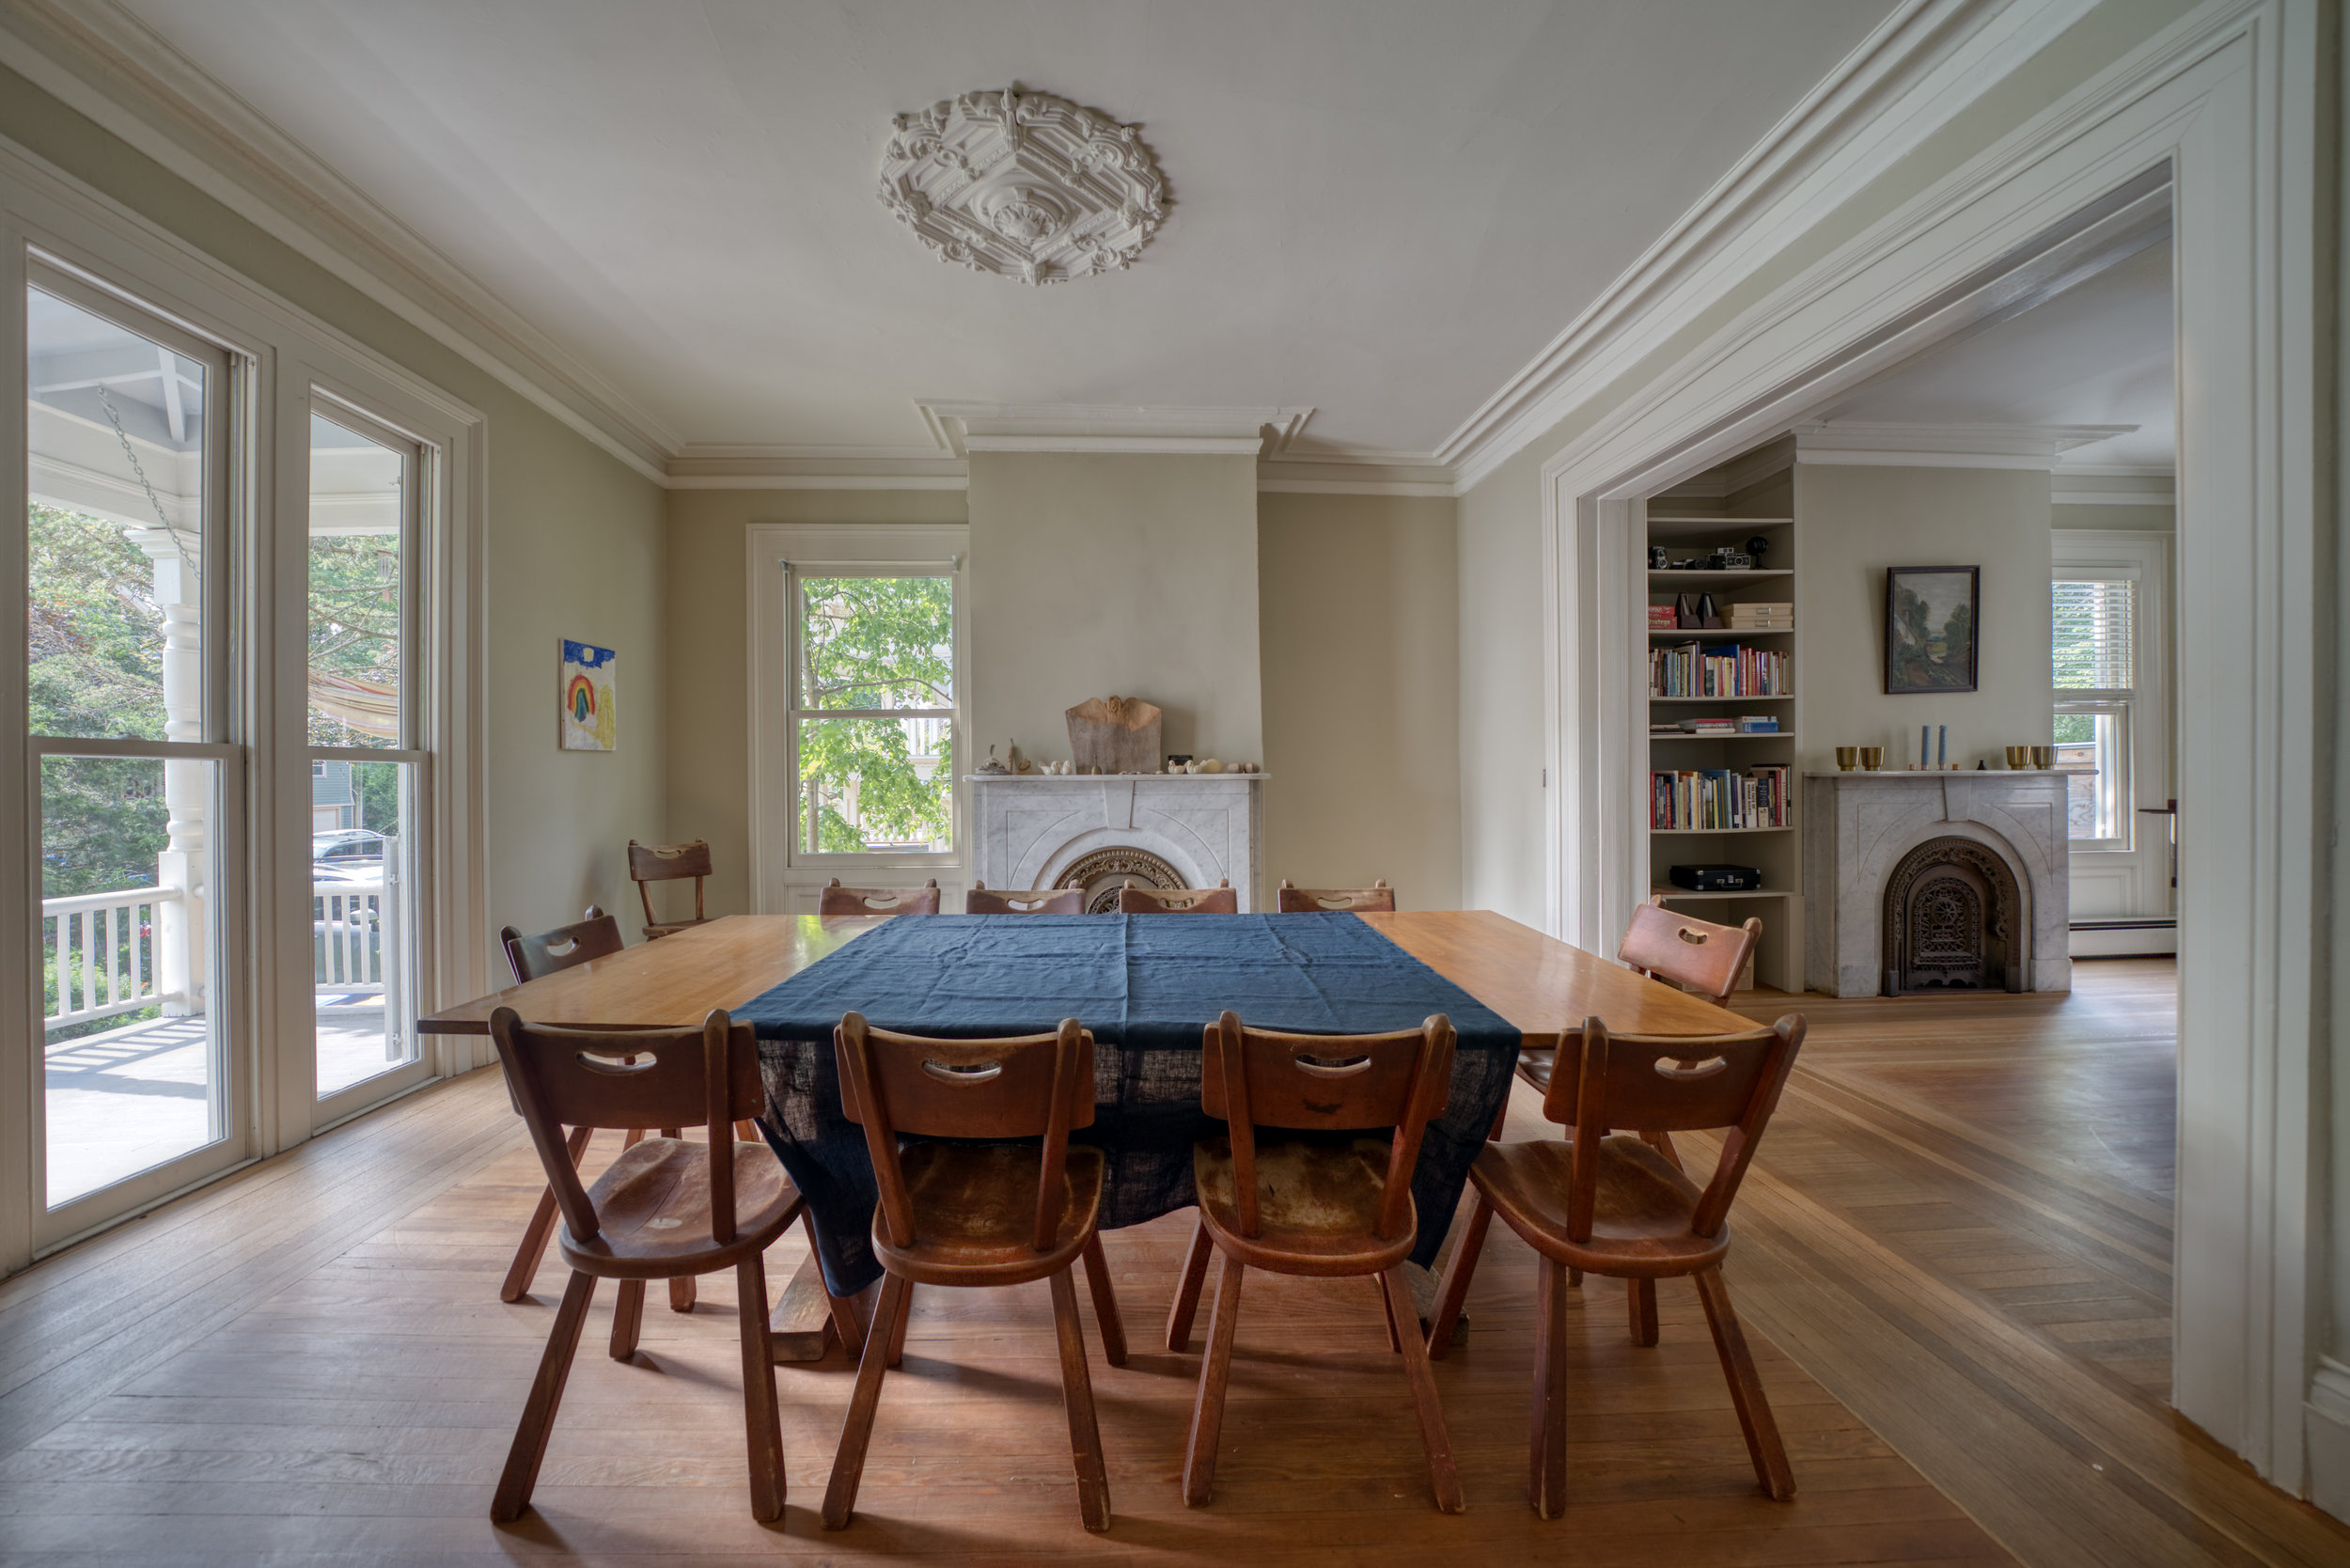 UptownKingston-Dining-Room.jpg